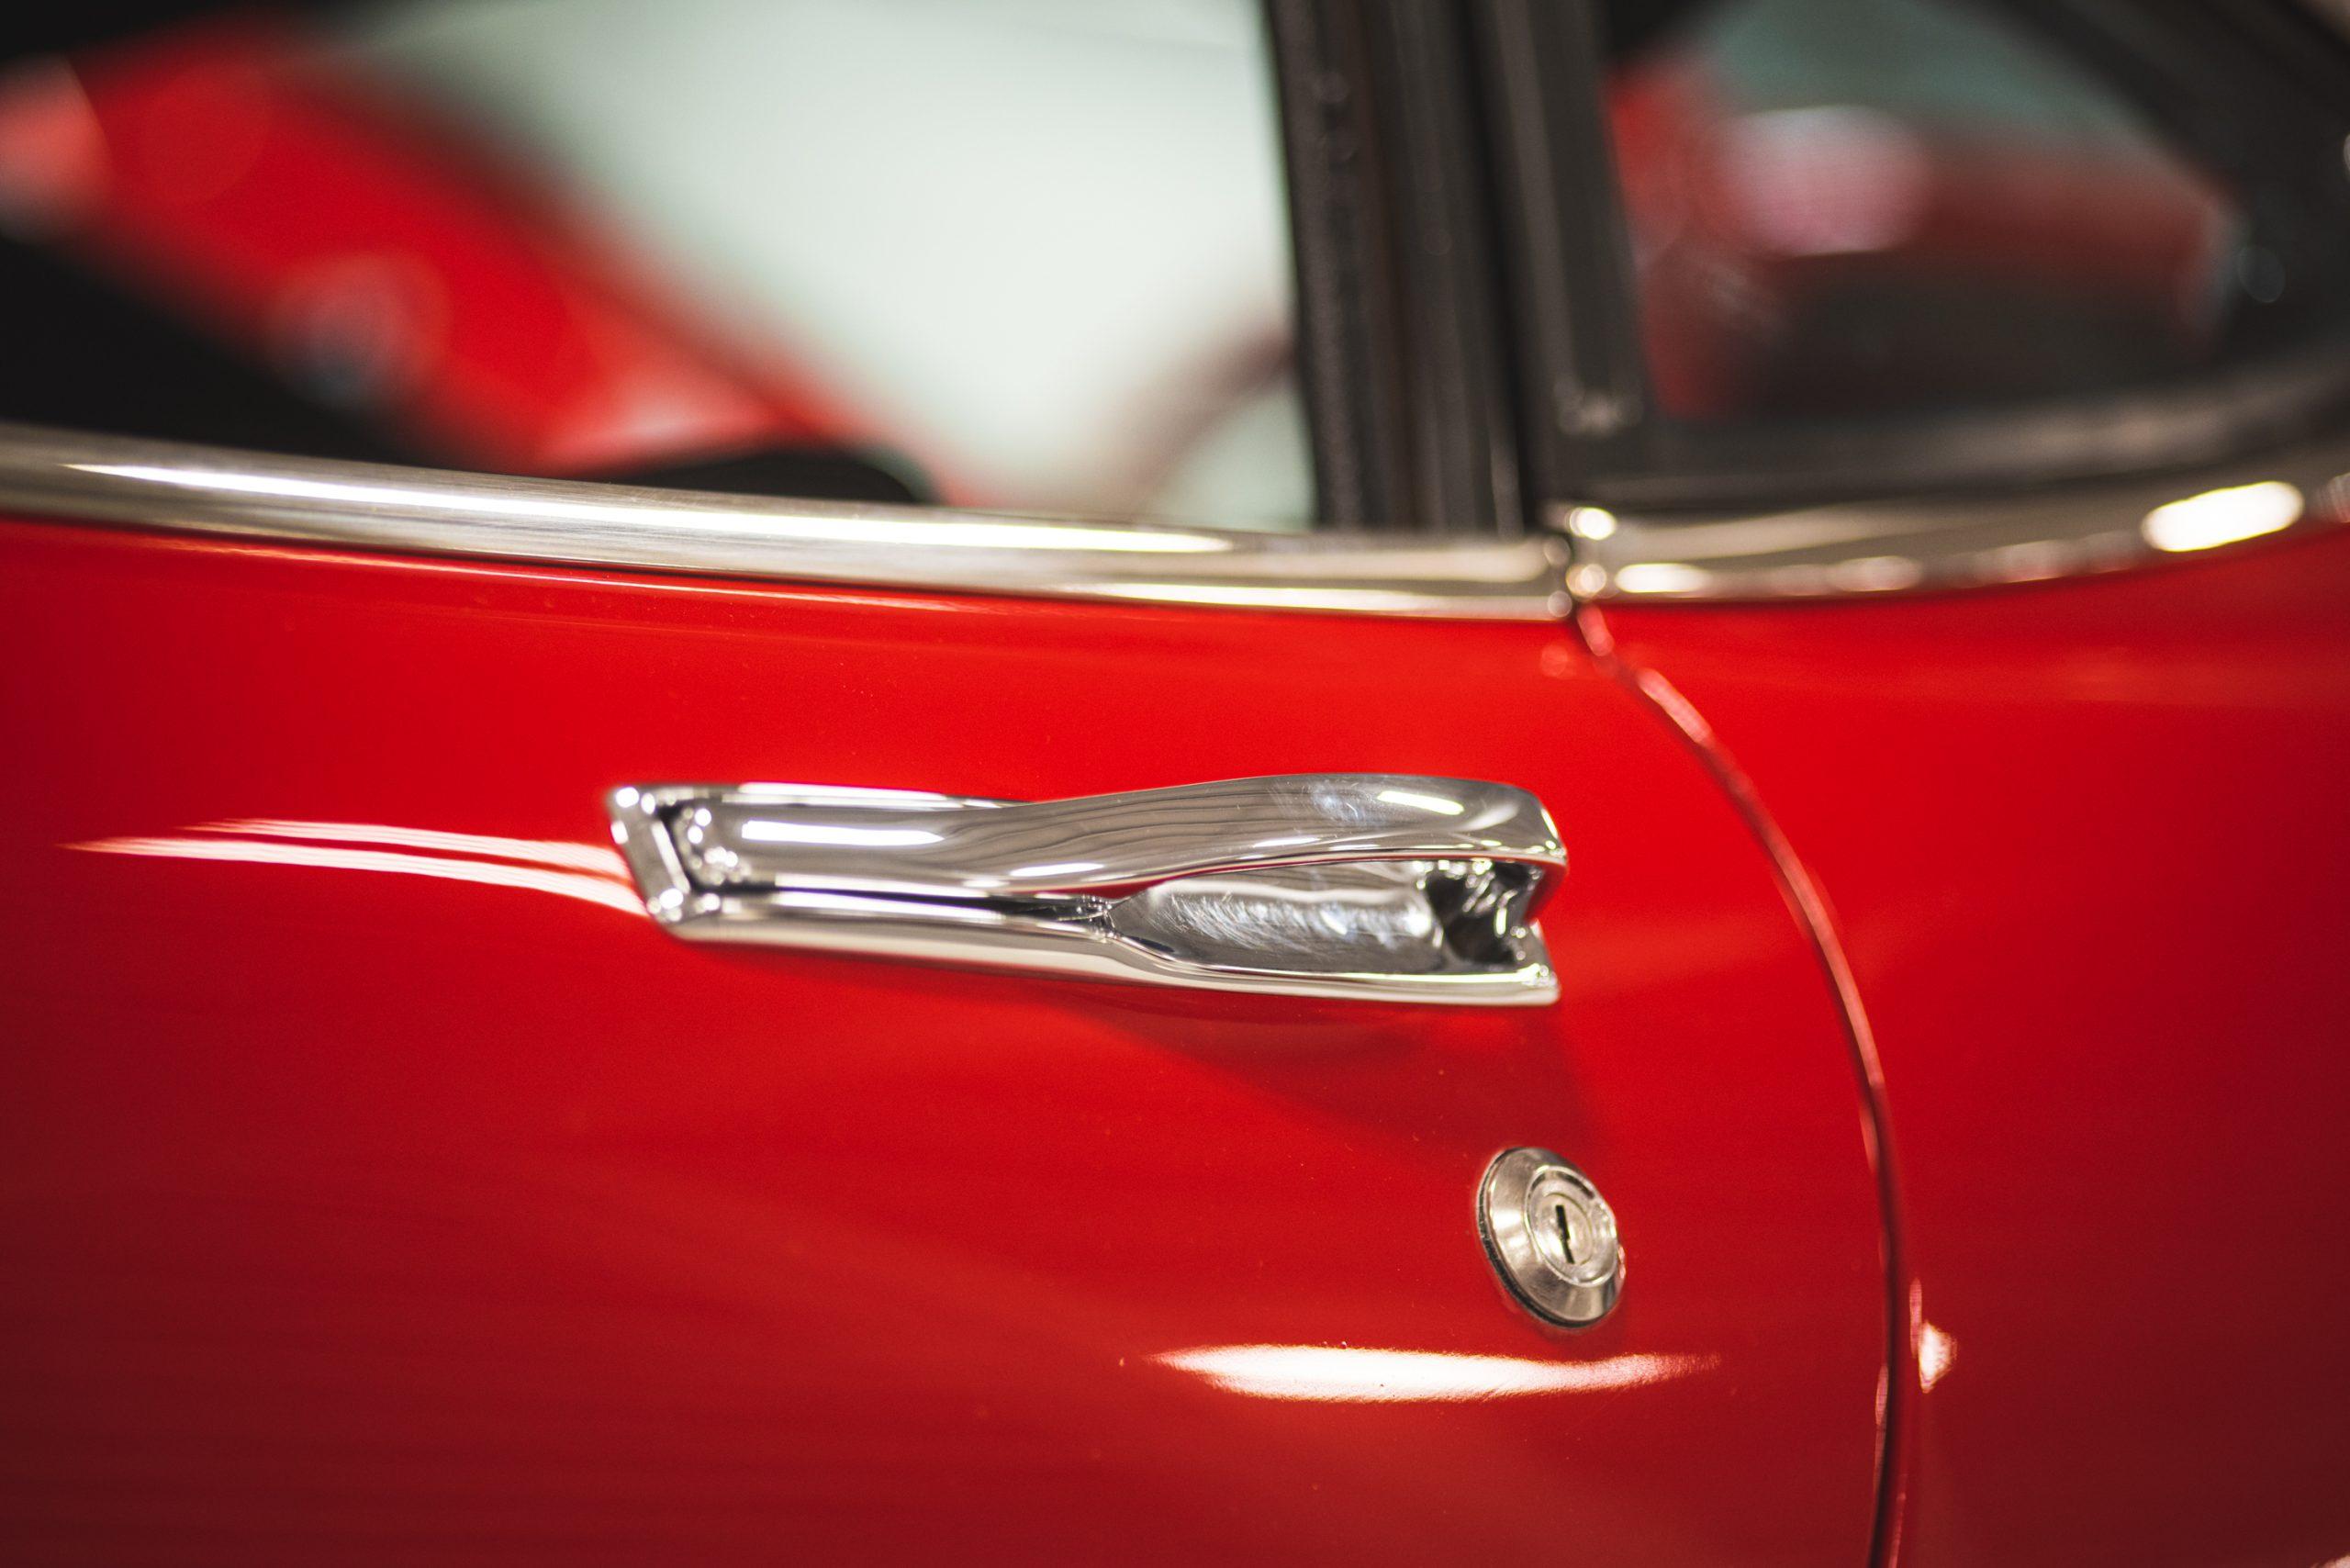 toyota 2000 gt door handle close up